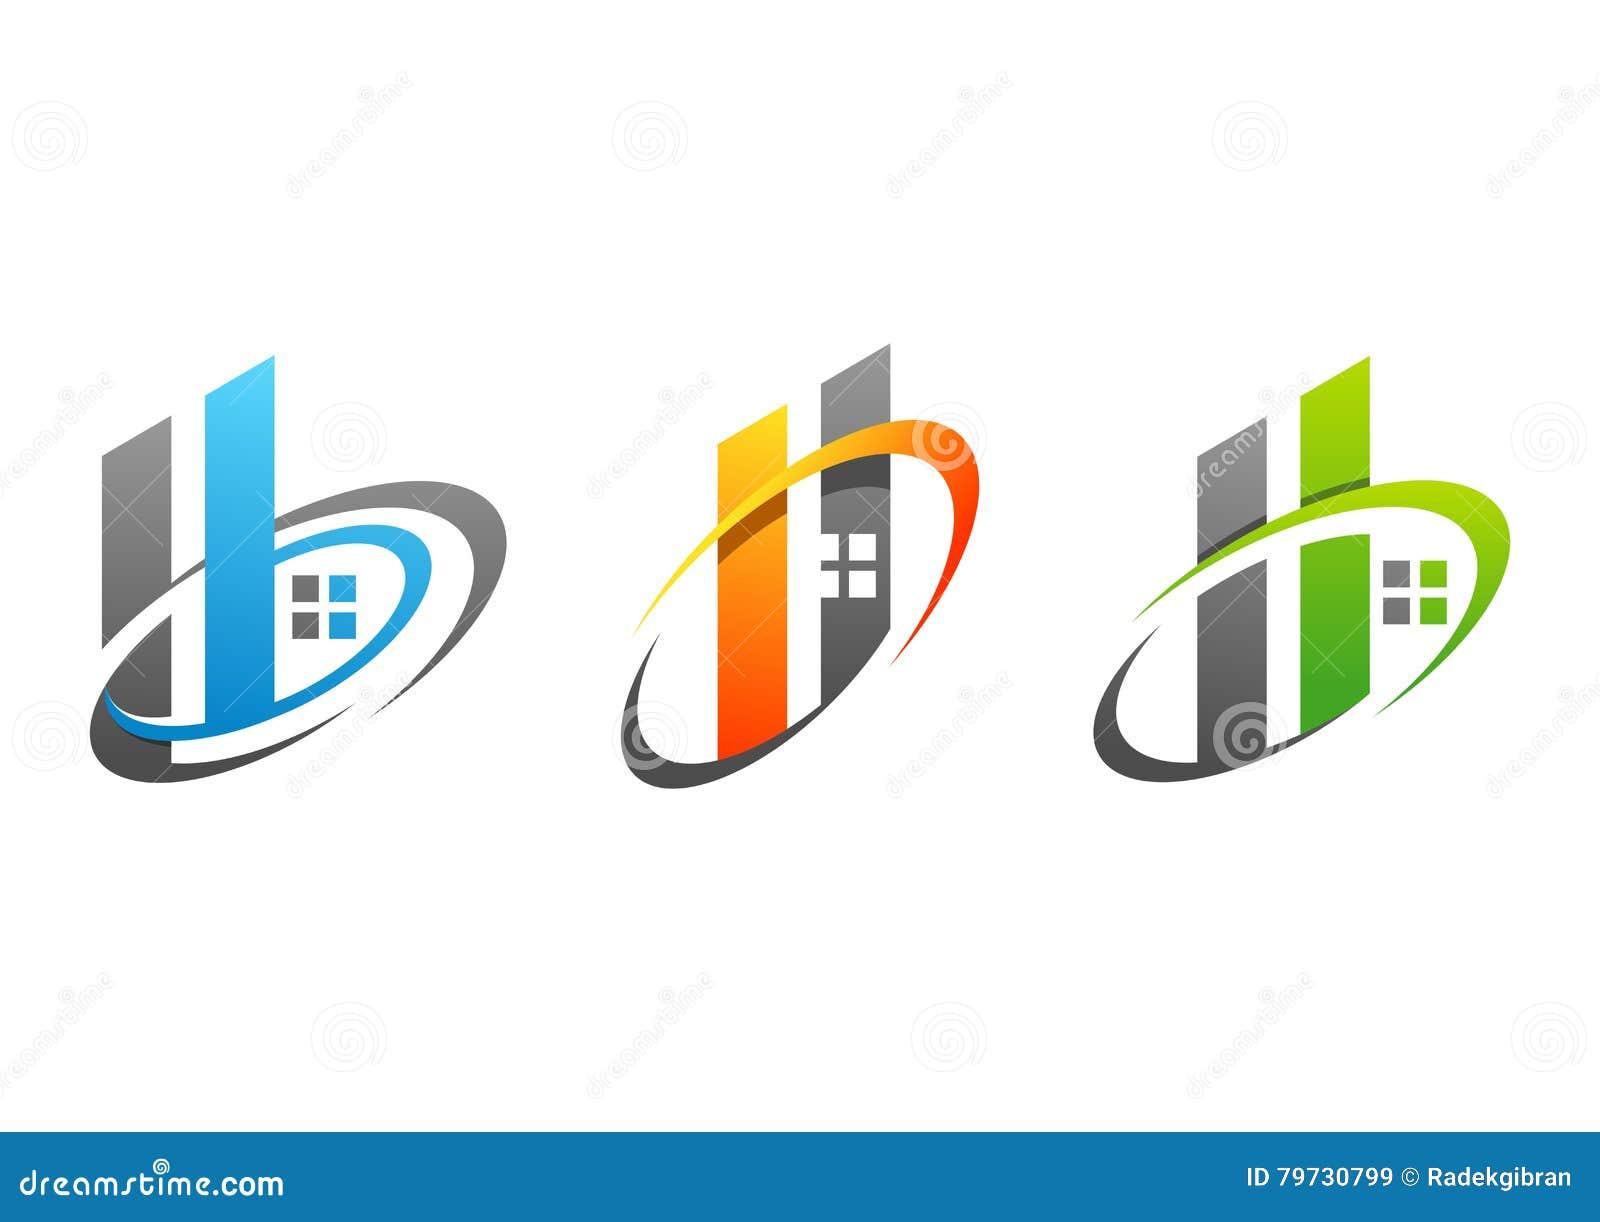 Dom, nieruchomość, budynek, dom, logo, symbol, set okręgu elementu listy h i b ikony wektorowy projekt,